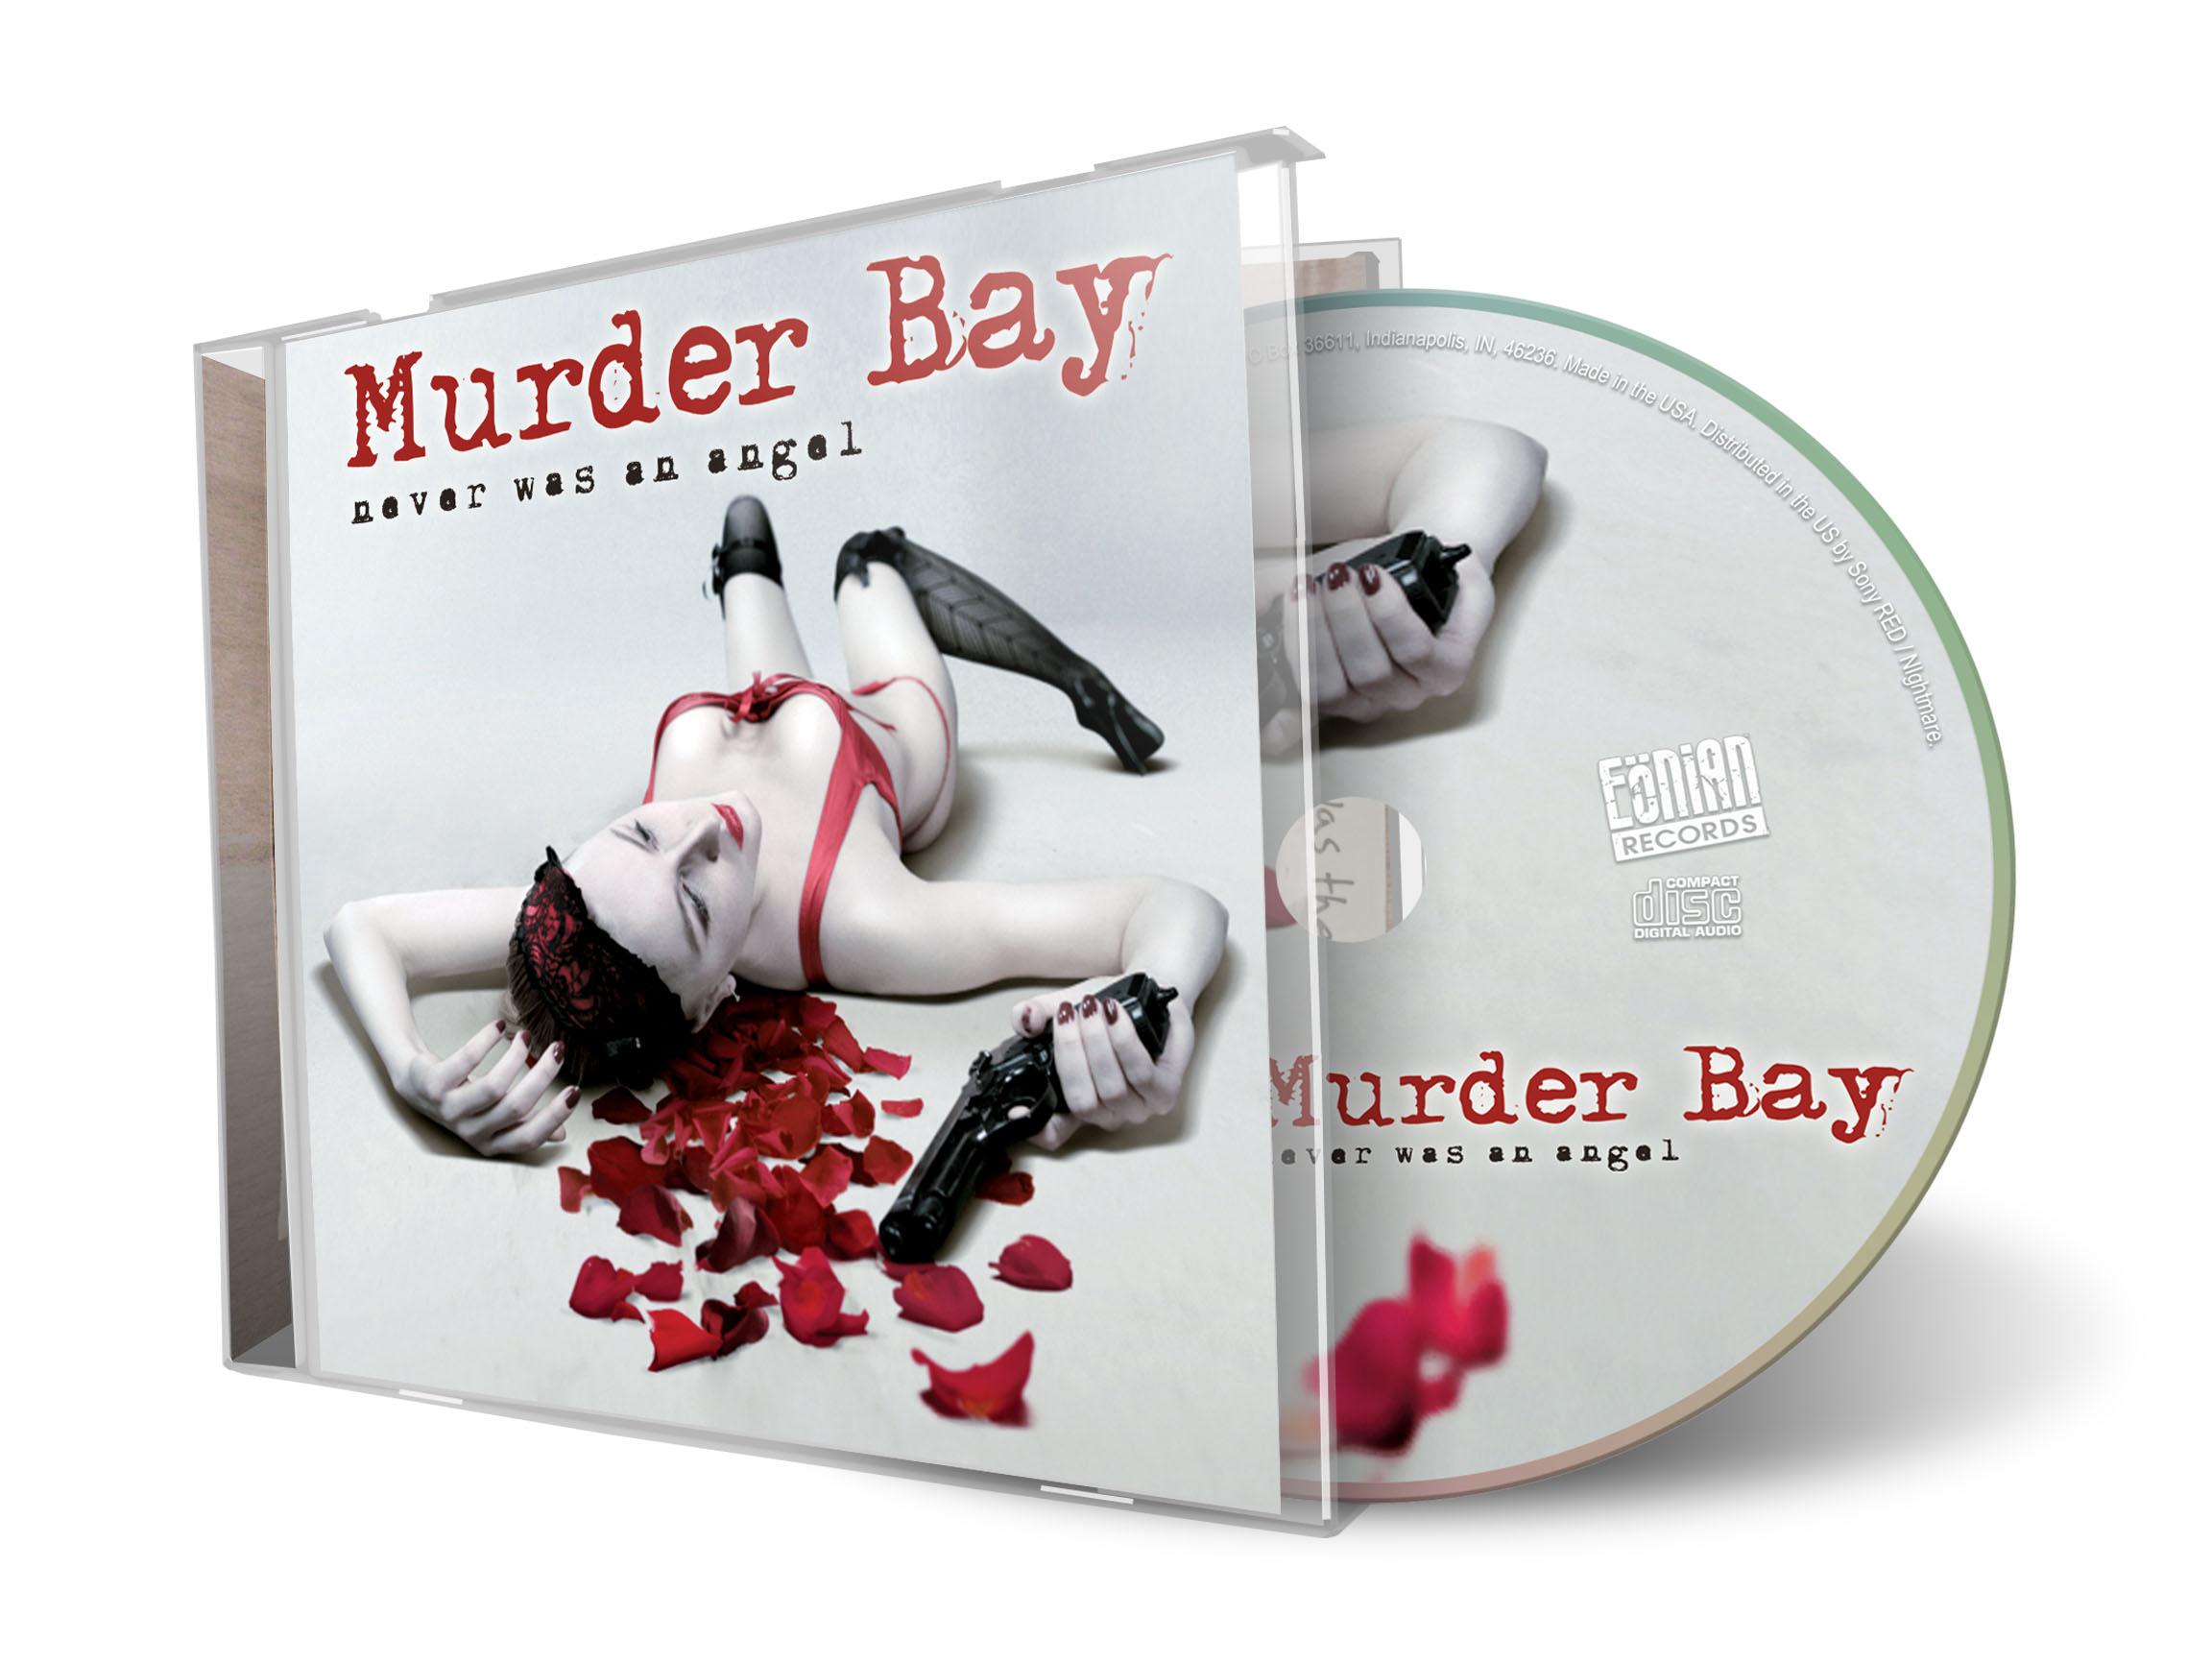 Murder Bay - CD Mock-Up.jpg